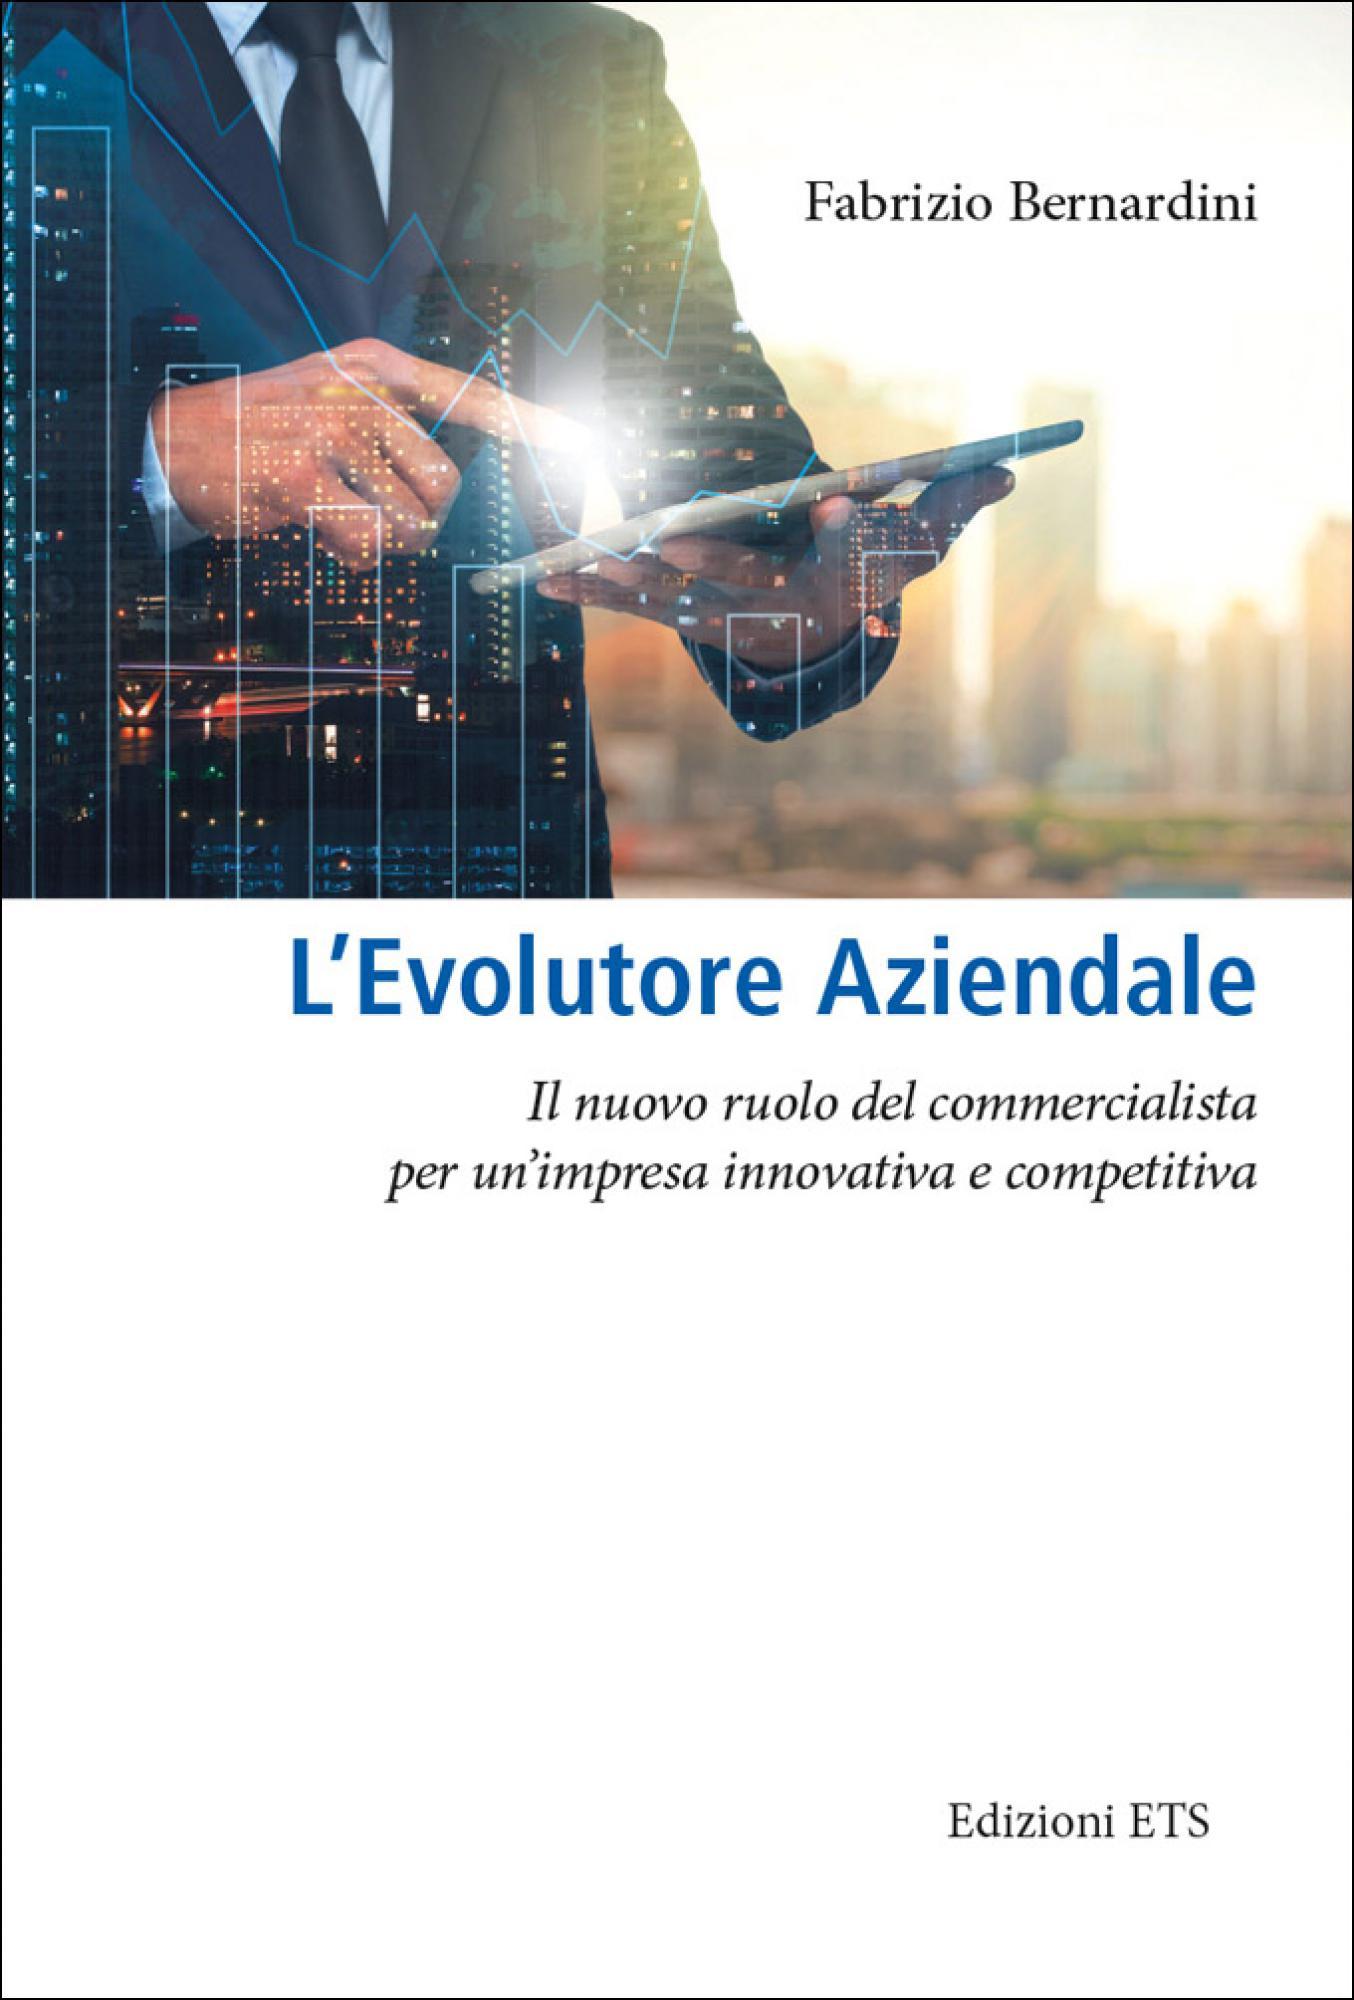 L'Evolutore Aziendale.Il nuovo ruolo del commercialista per un'impresa innovativa e competitiva